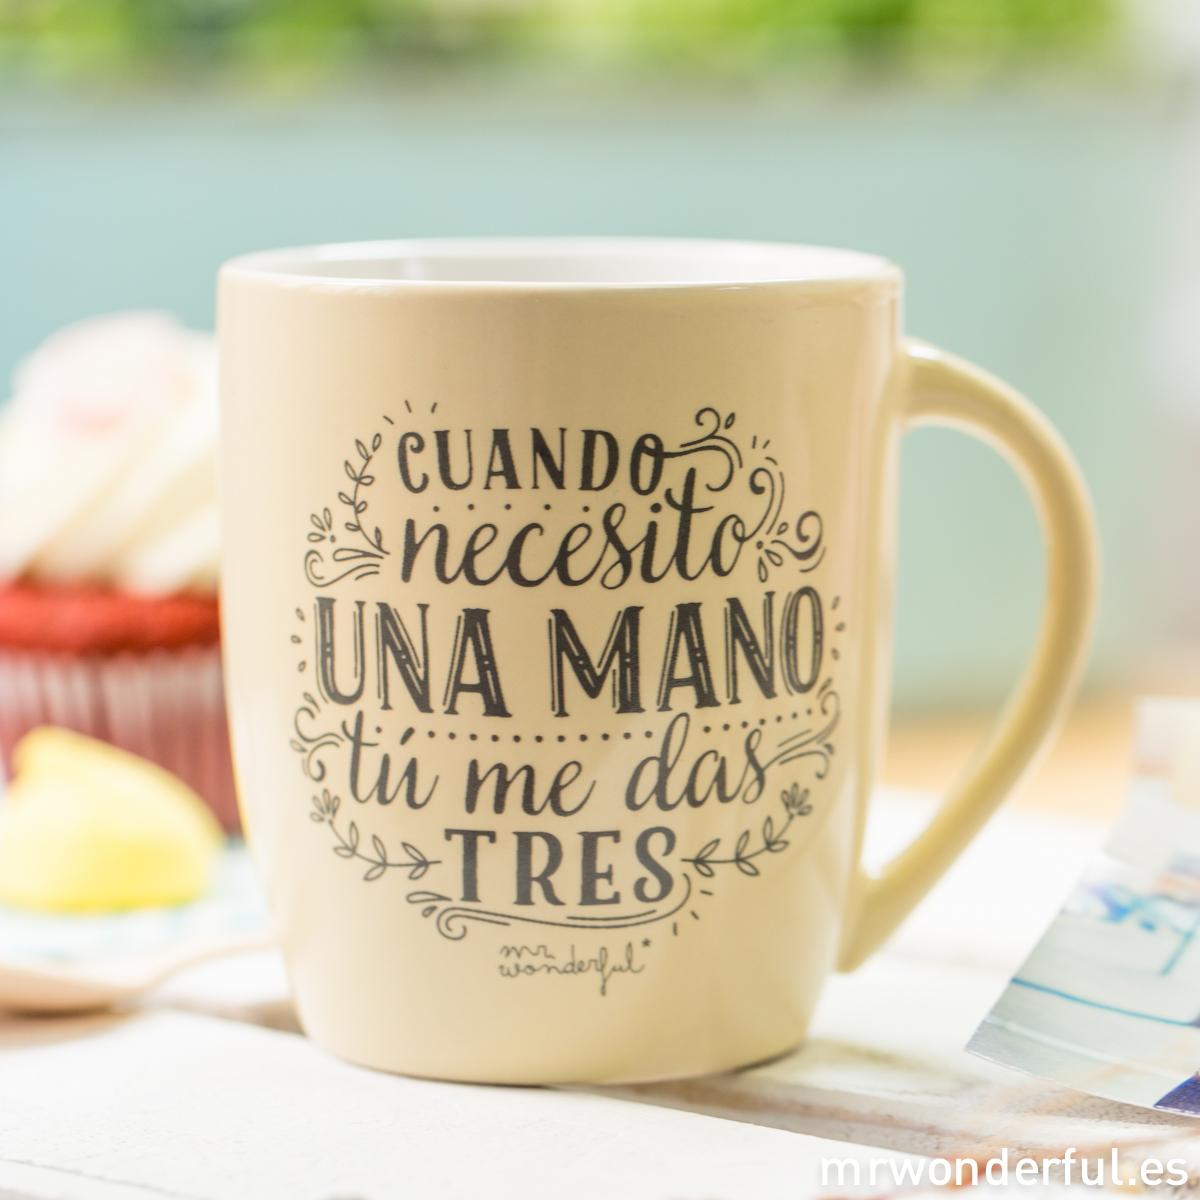 mrwonderful_8436547191666_WON-212_TAZA_Taza-pastel-AMARILLA_cuando-necesito-una-mano-me-das-tres-11